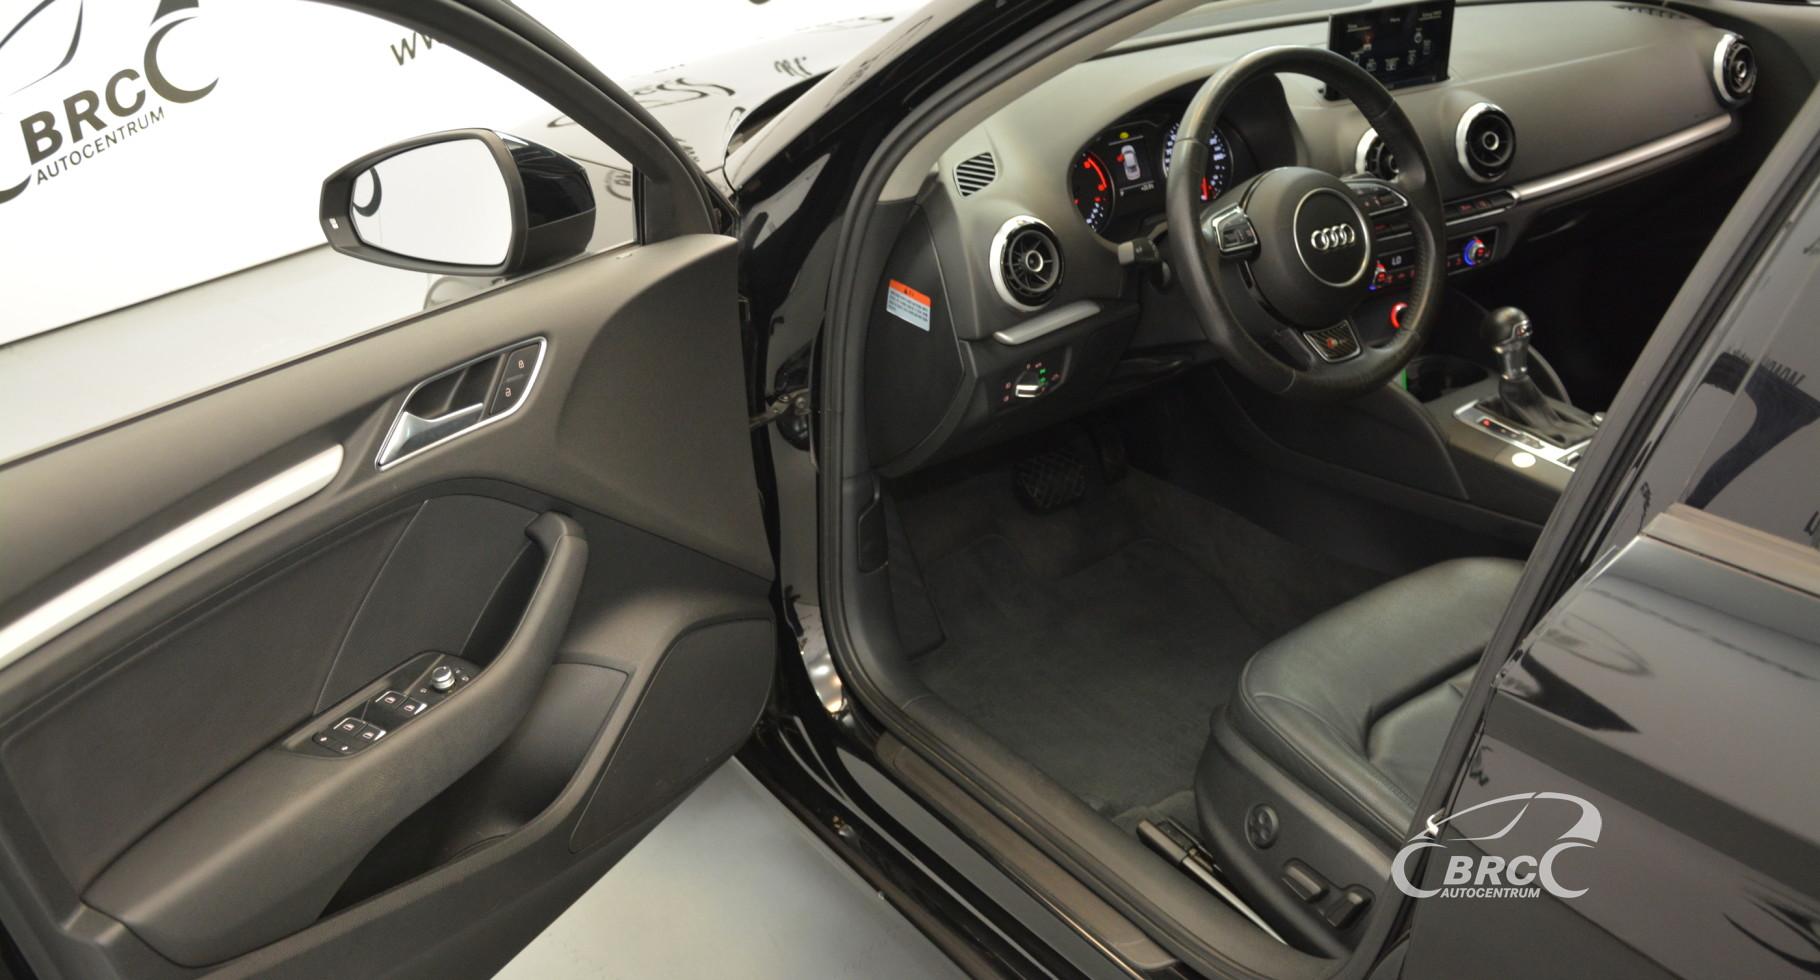 Audi A3 2.0TDI Automatas